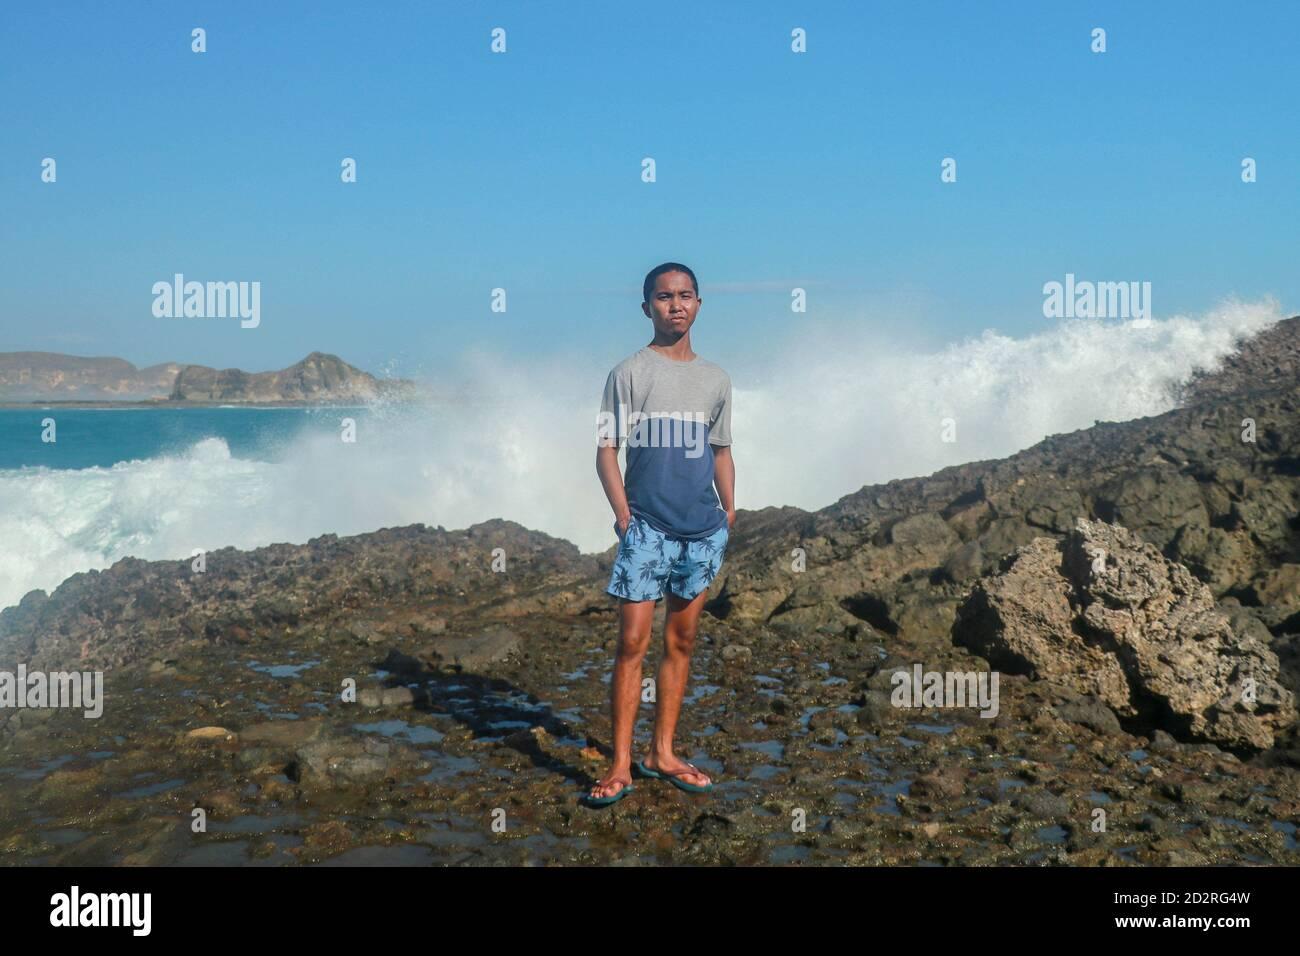 Olas golpeando rocas redondas y salpicando. Un joven está de pie en una orilla rocosa y las olas chocan contra un acantilado Foto de stock